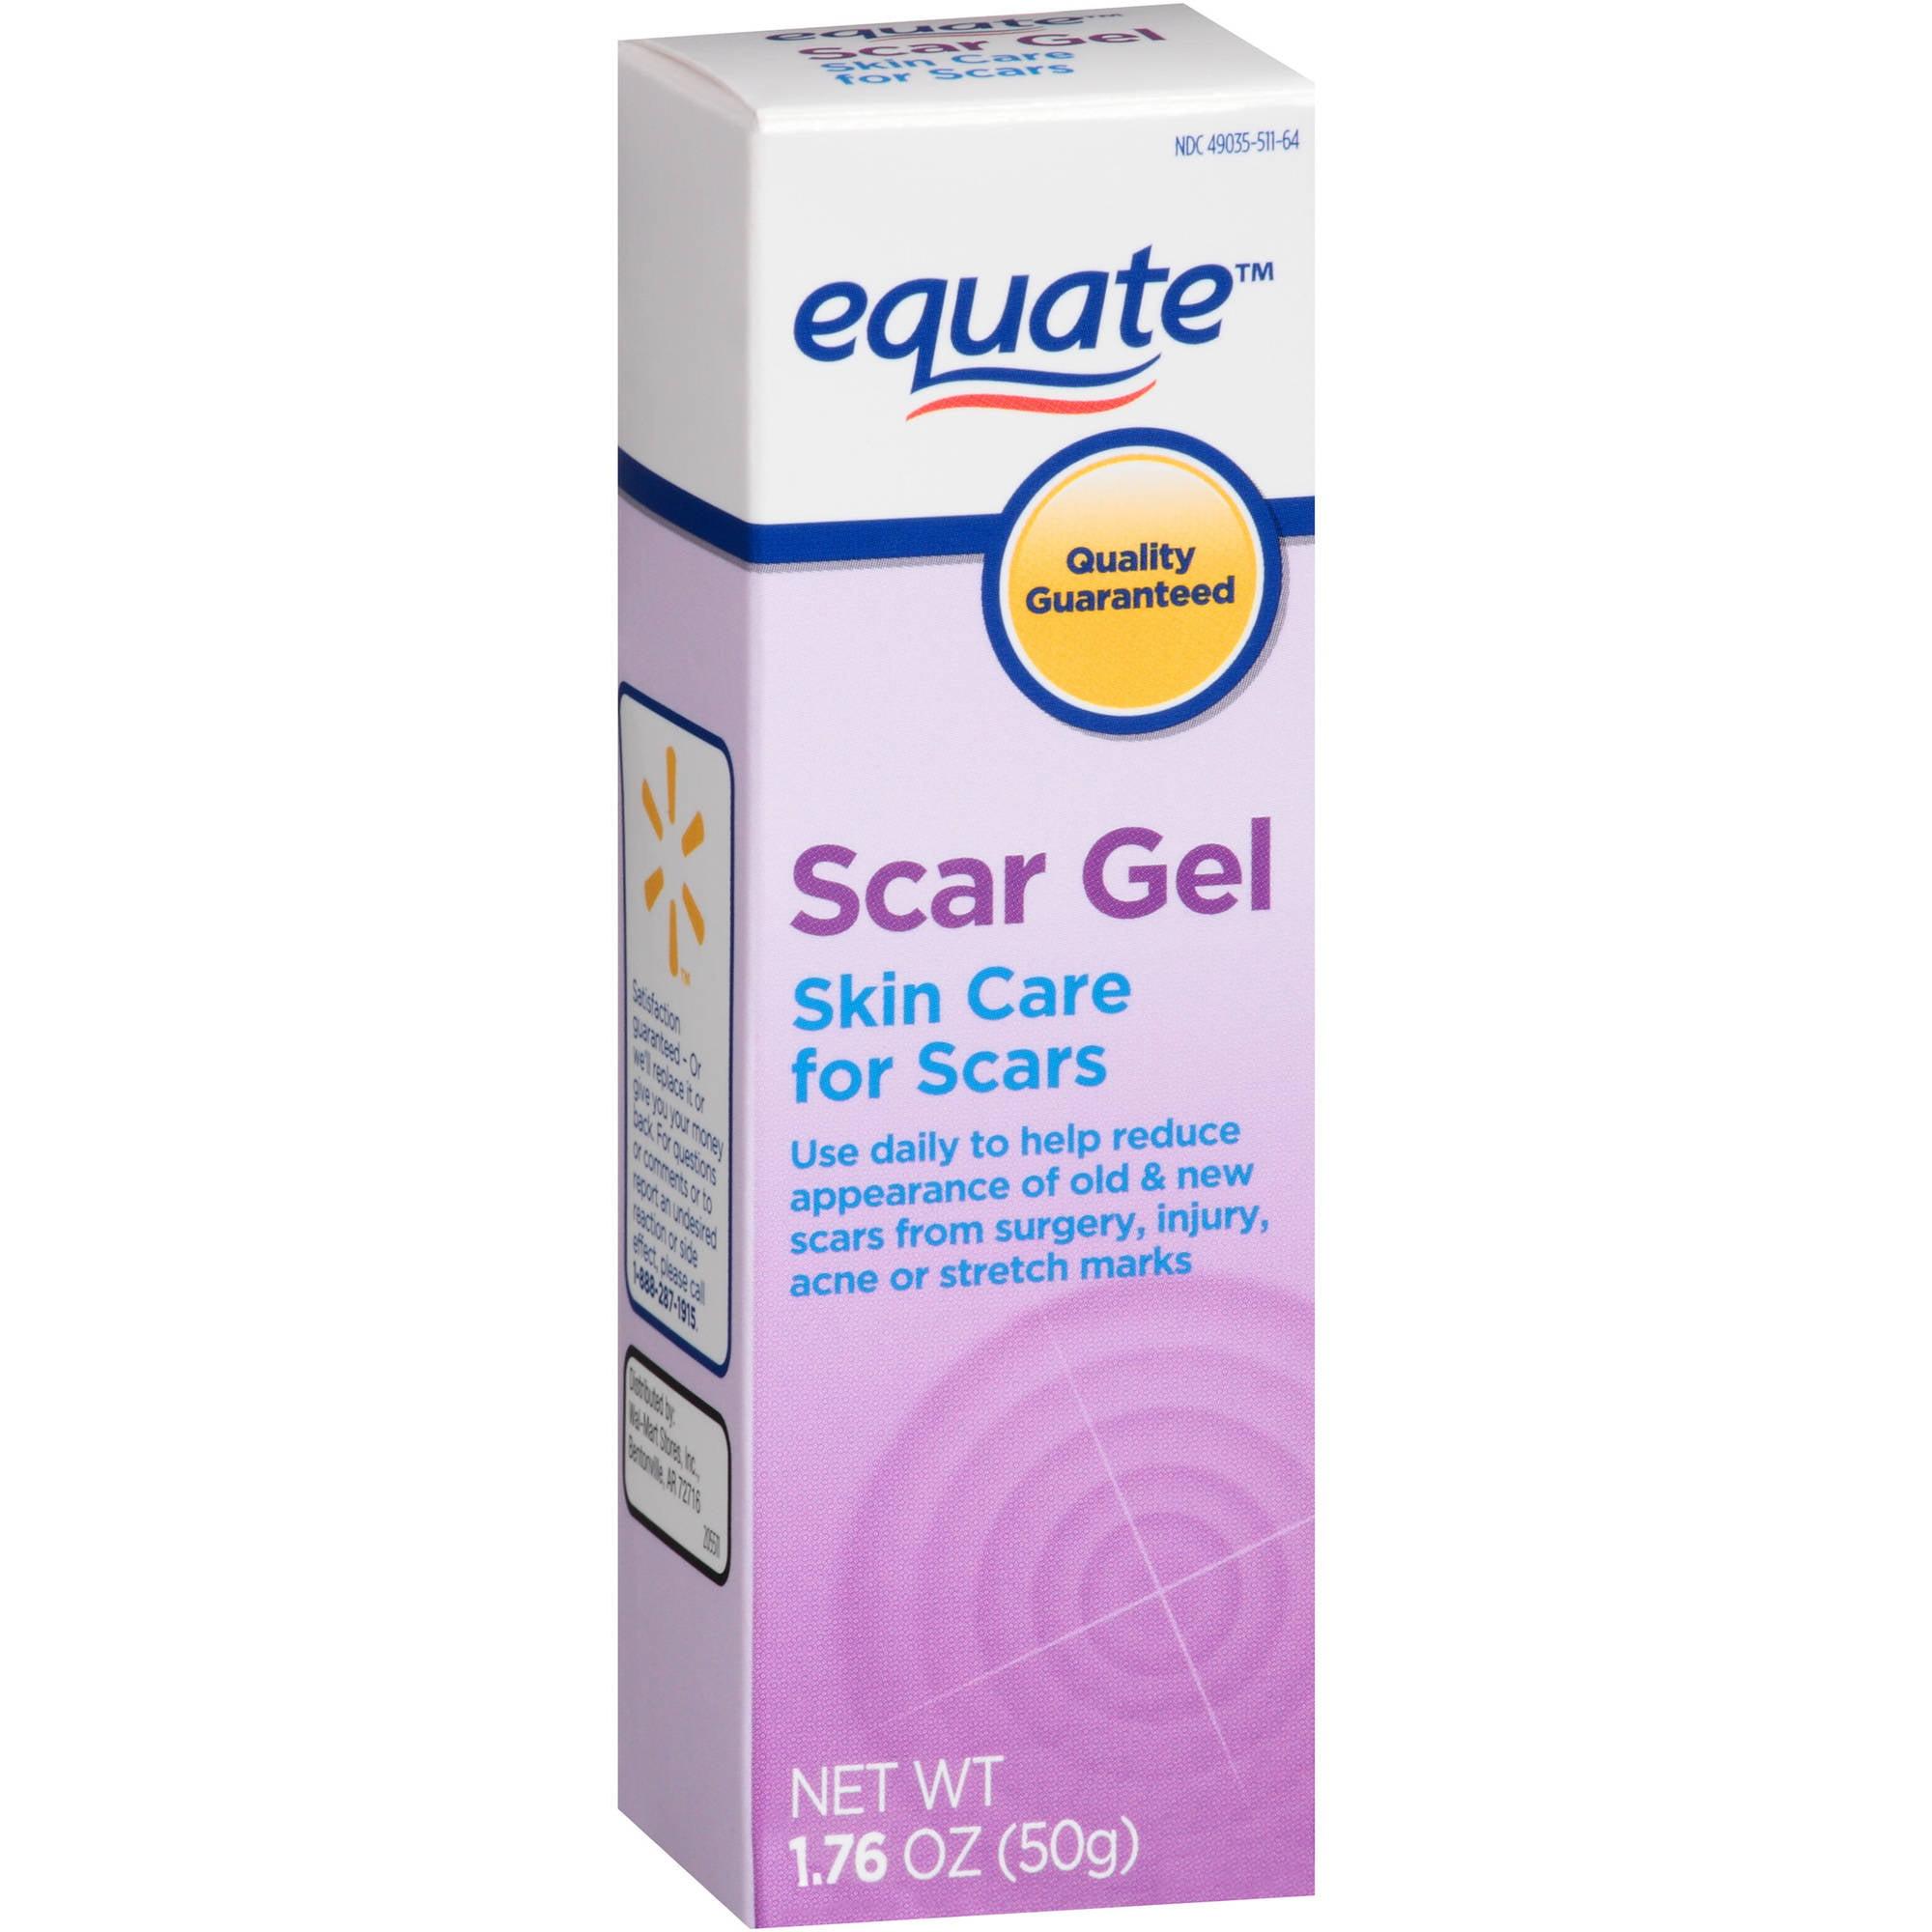 Equate Scar Gel, 1.76 oz